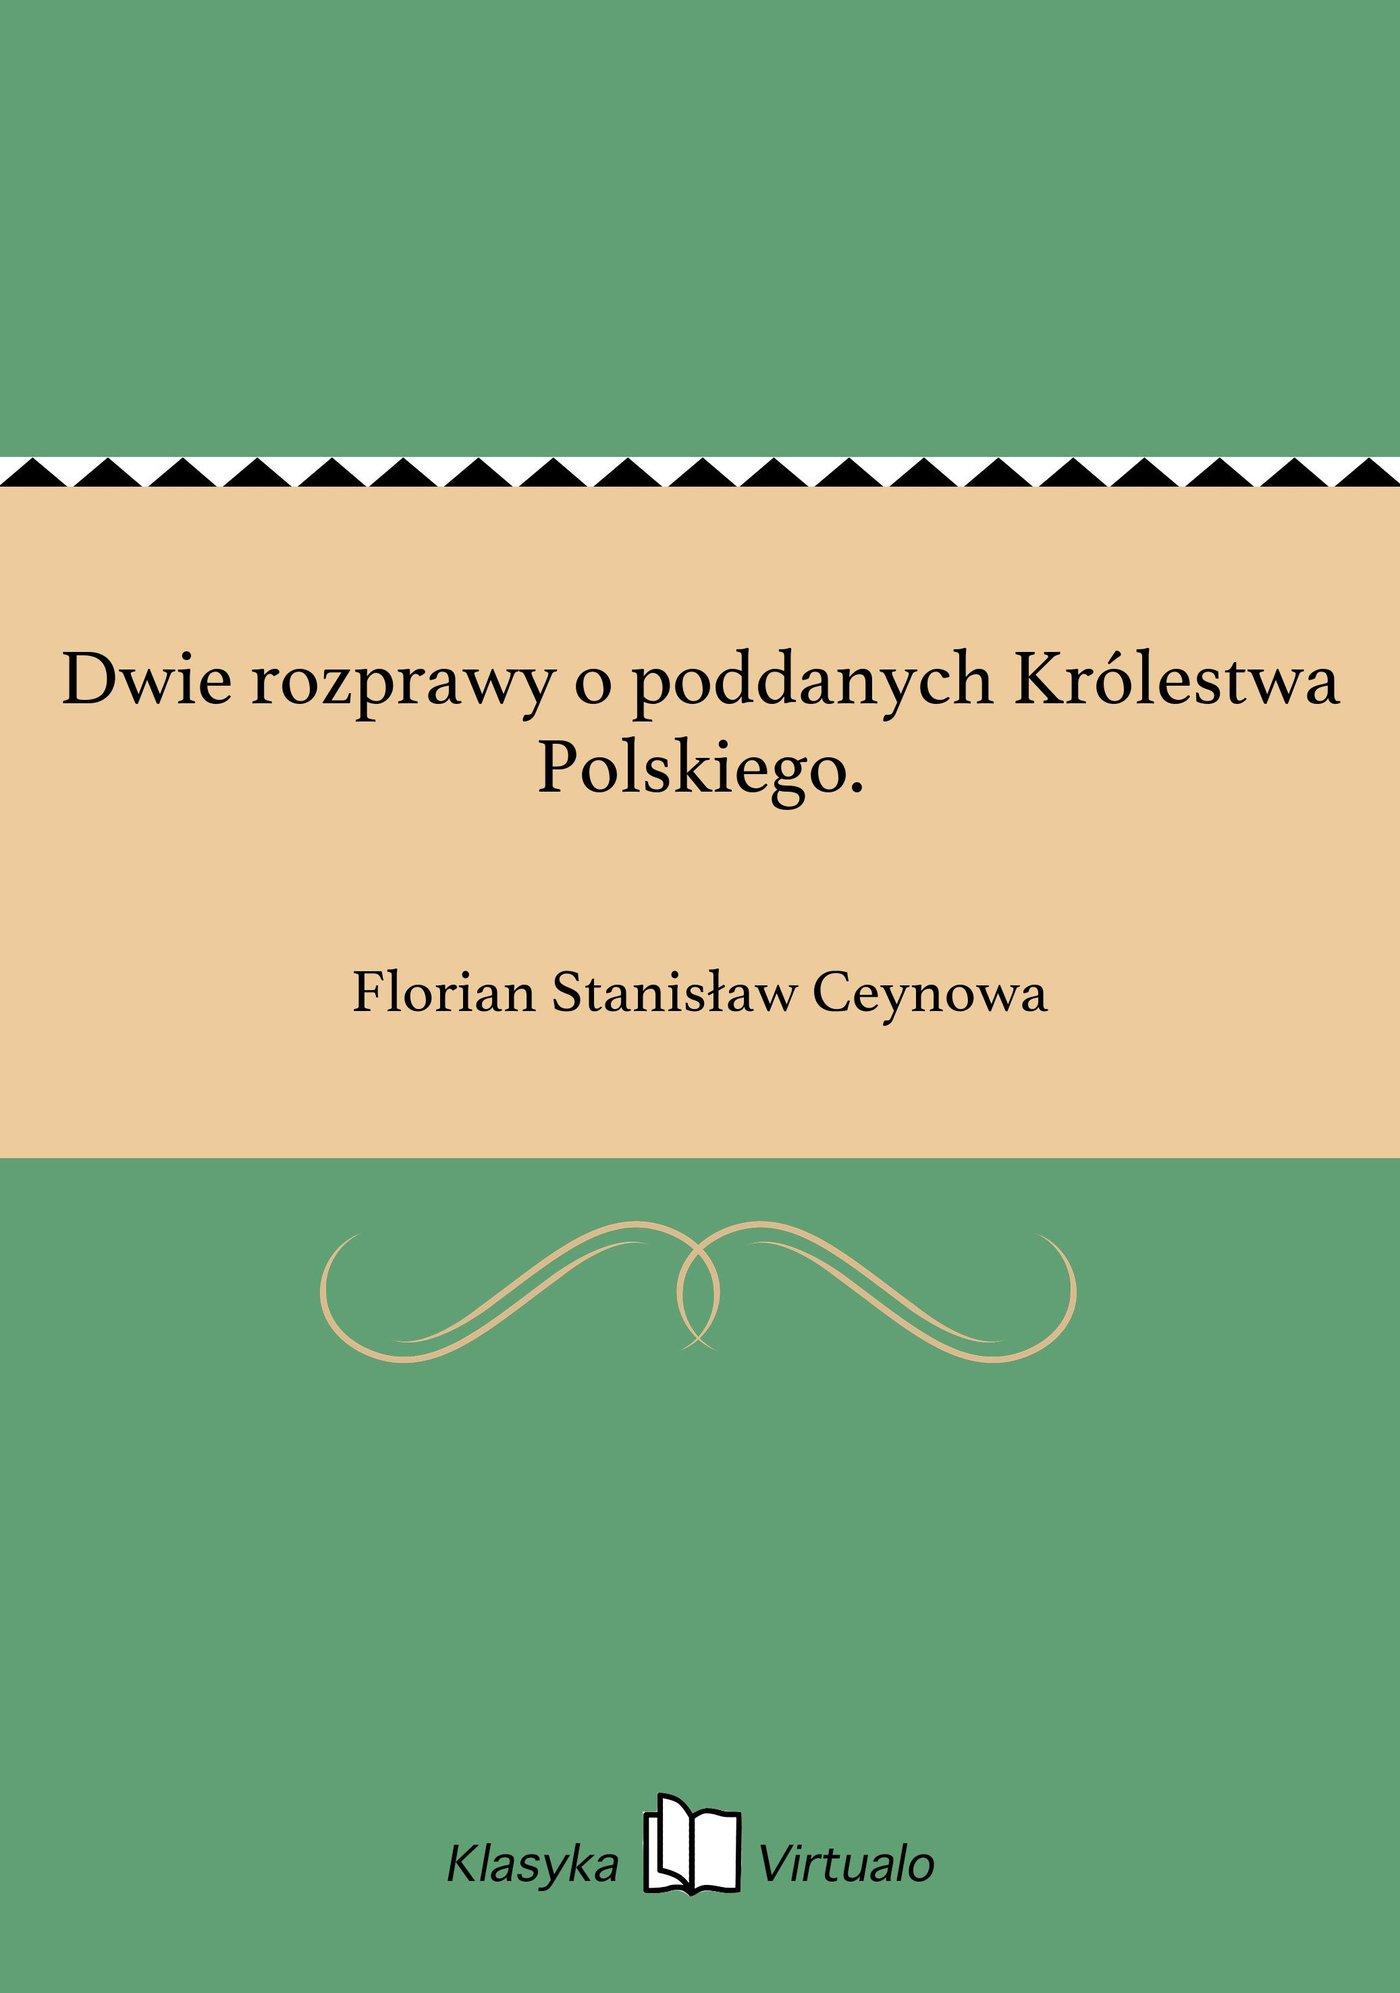 Dwie rozprawy o poddanych Królestwa Polskiego. - Ebook (Książka EPUB) do pobrania w formacie EPUB